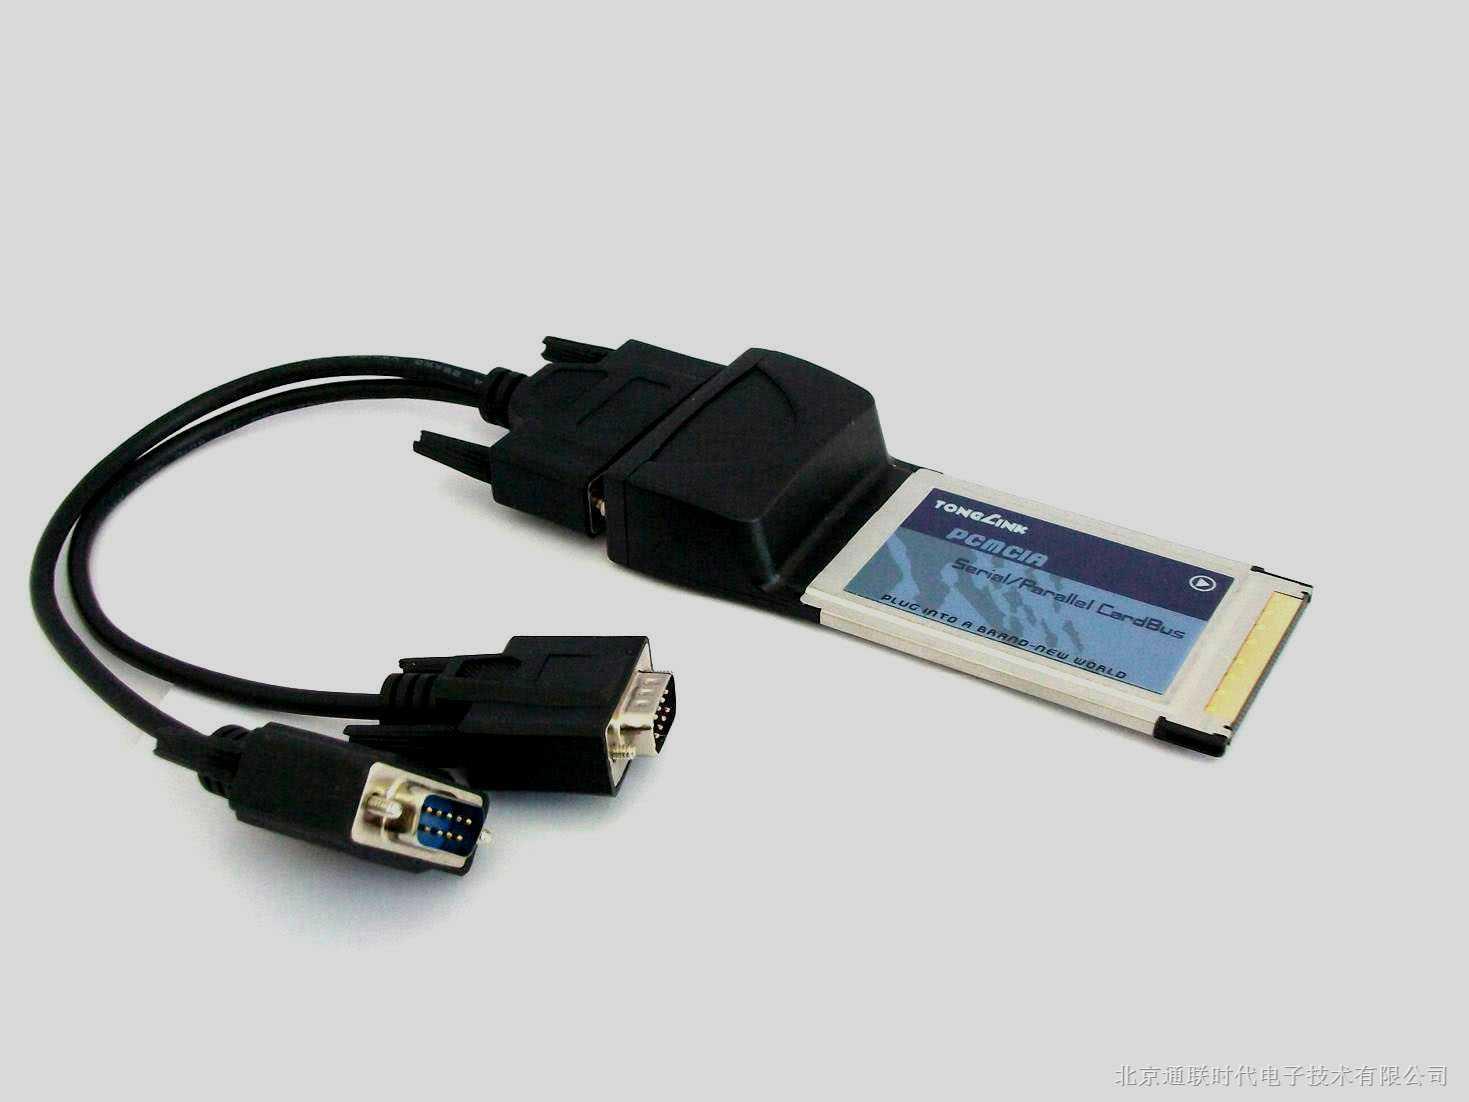 笔记本PCMCIA转串口卡